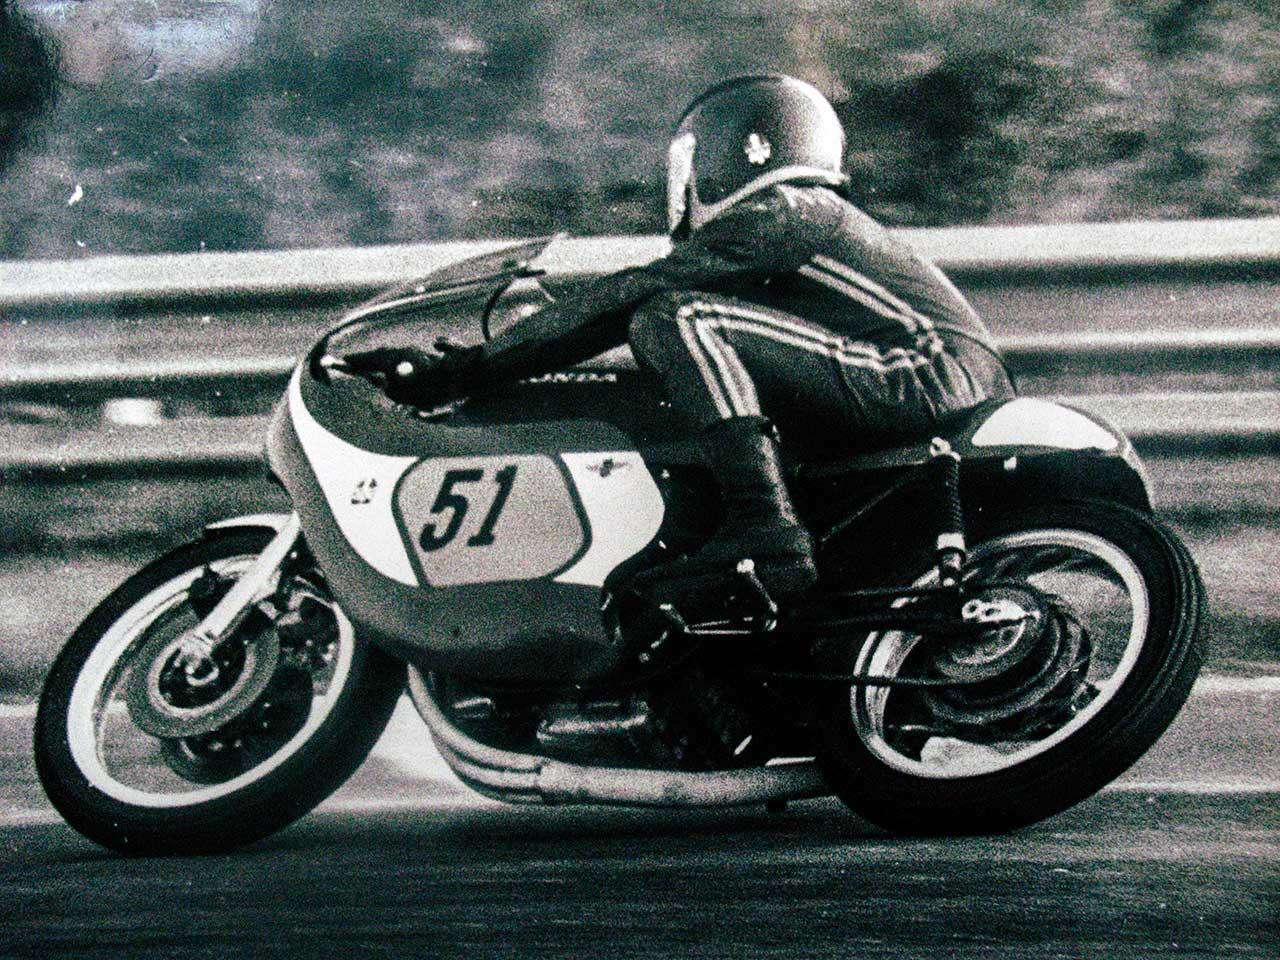 Paton_Storia-Anni70_Adriano-Friggione-su-Honda-Paton-500-nei-primi-anni-70